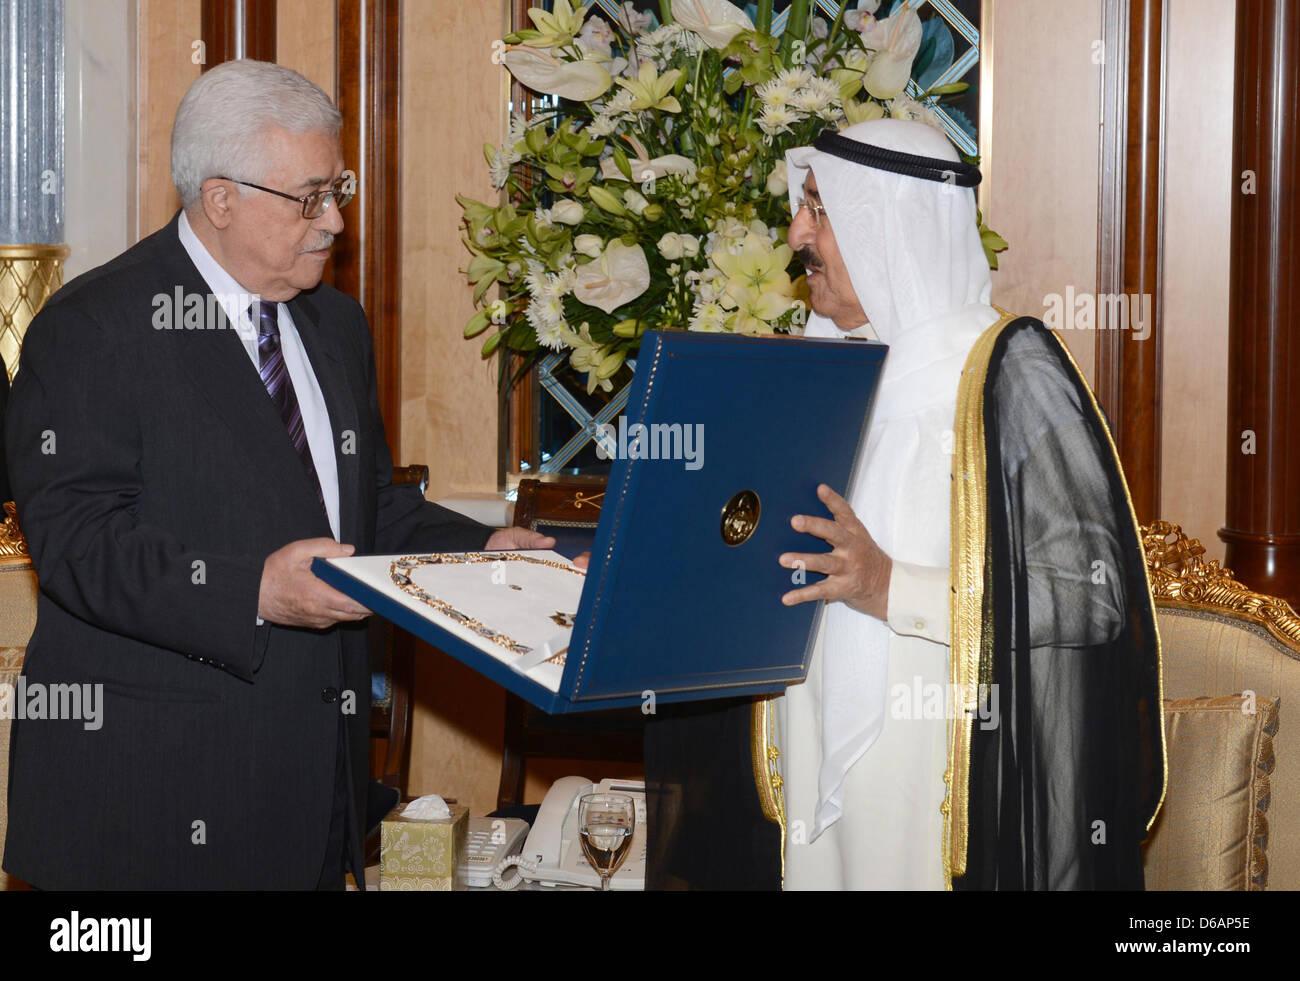 Le Koweït. Le 15 avril 2013. Le président palestinien Mahmoud Abbas (Abou Mazen), donne à l'Emir du Koweït, cheikhBanque D'Images